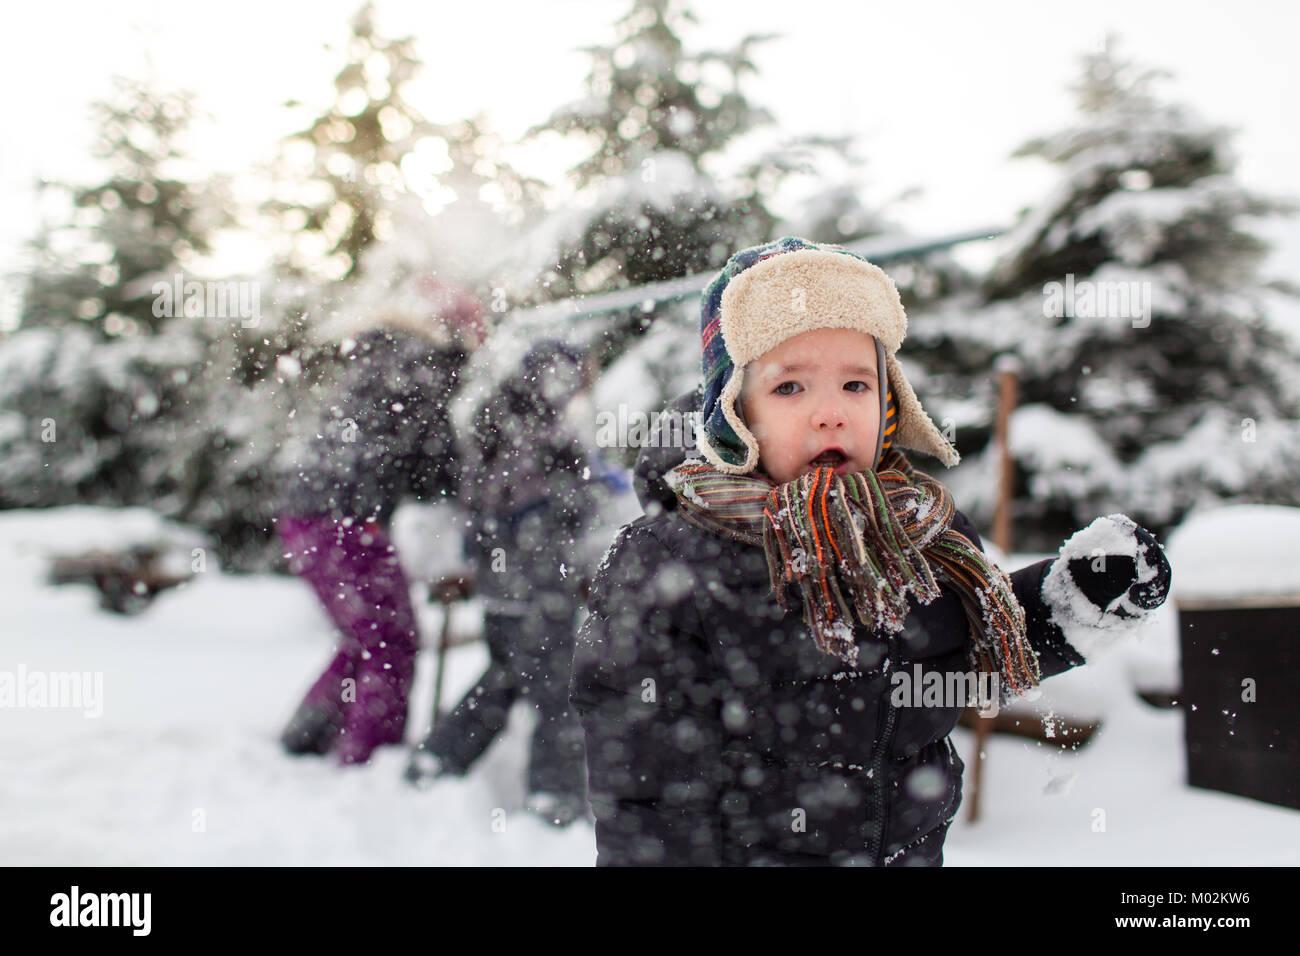 Vue de face d'un petit enfant avec la bouche ouverte et sa famille having snowball fight en arrière-plan. Photo Stock